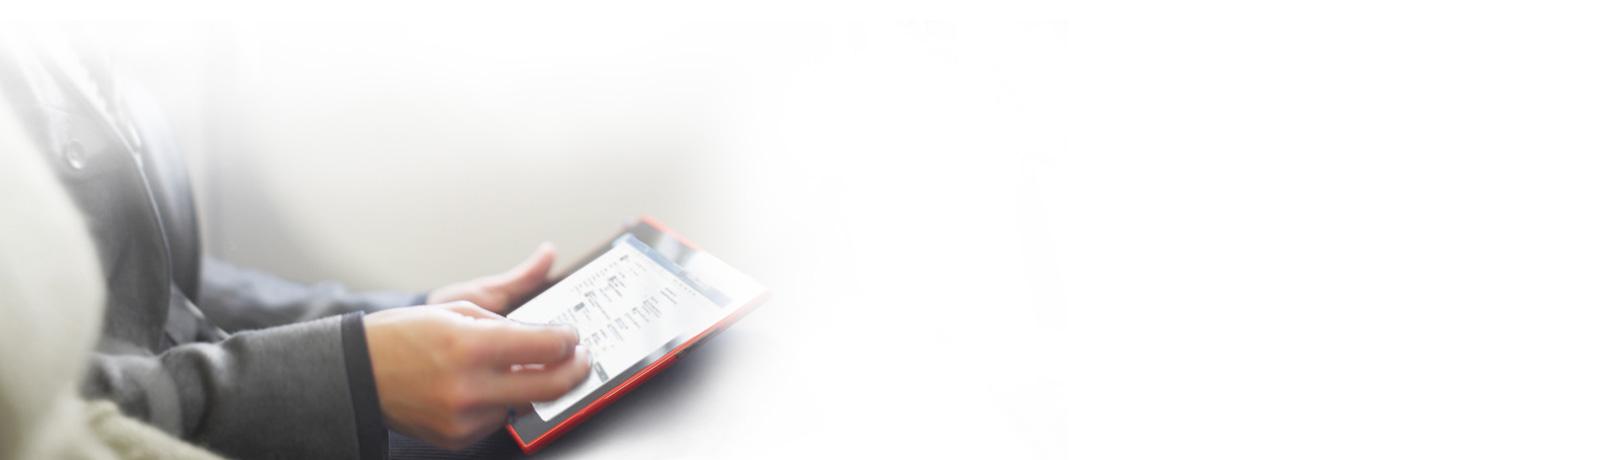 Κοντινό πλάνο ενός καθιστού ατόμου, που εργάζεται σε ένα tablet που κρατά στο αριστερό του χέρι.